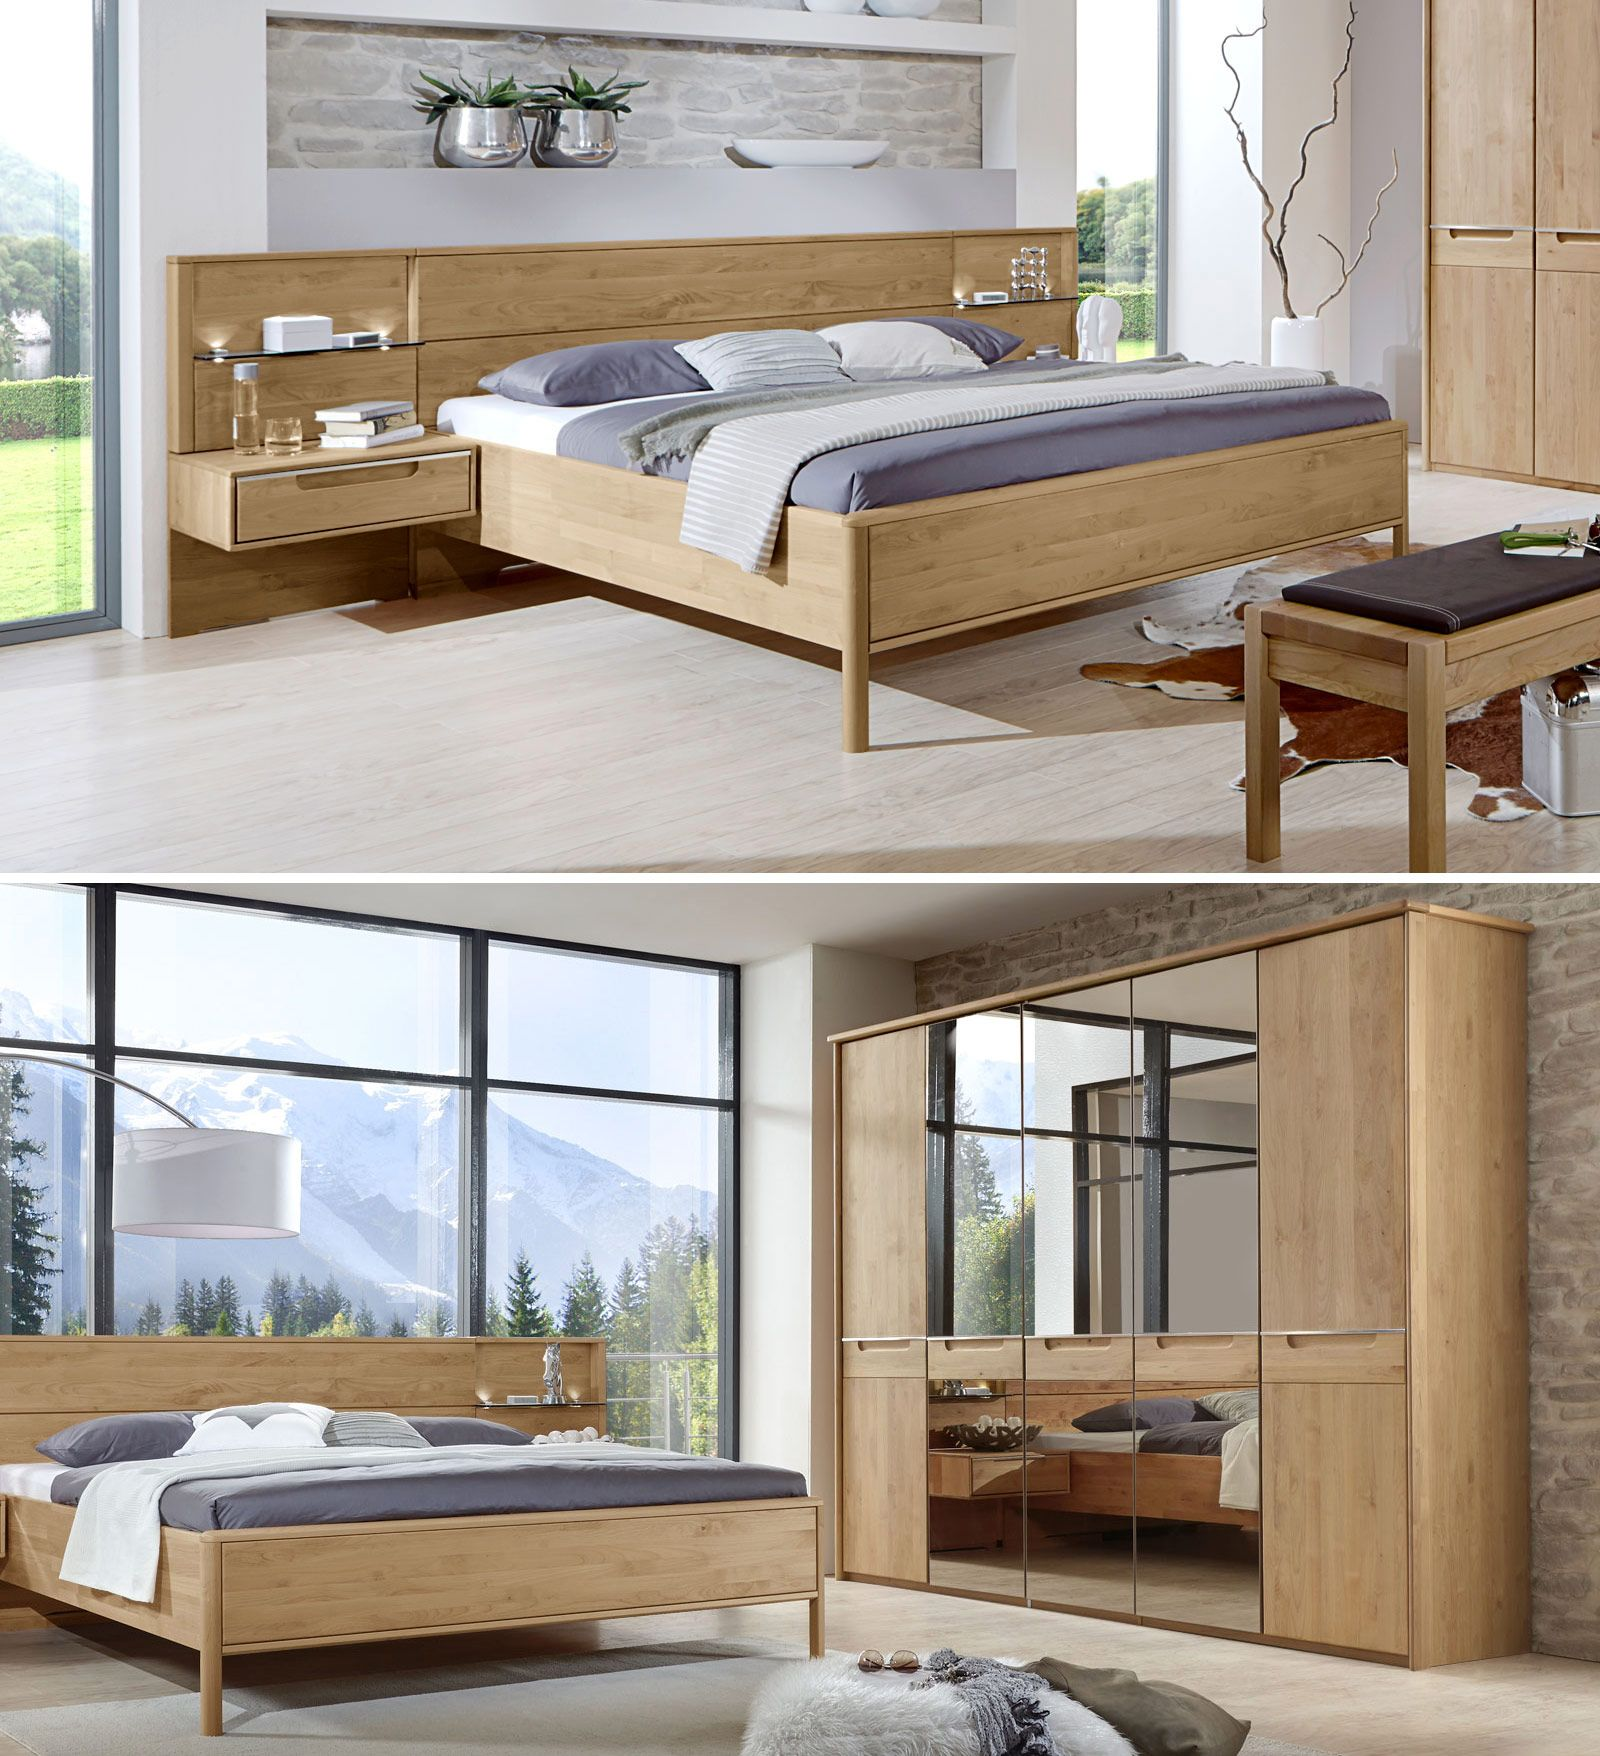 pin von auf schlafzimmer pinterest schlafzimmer komplettes schlafzimmer und. Black Bedroom Furniture Sets. Home Design Ideas